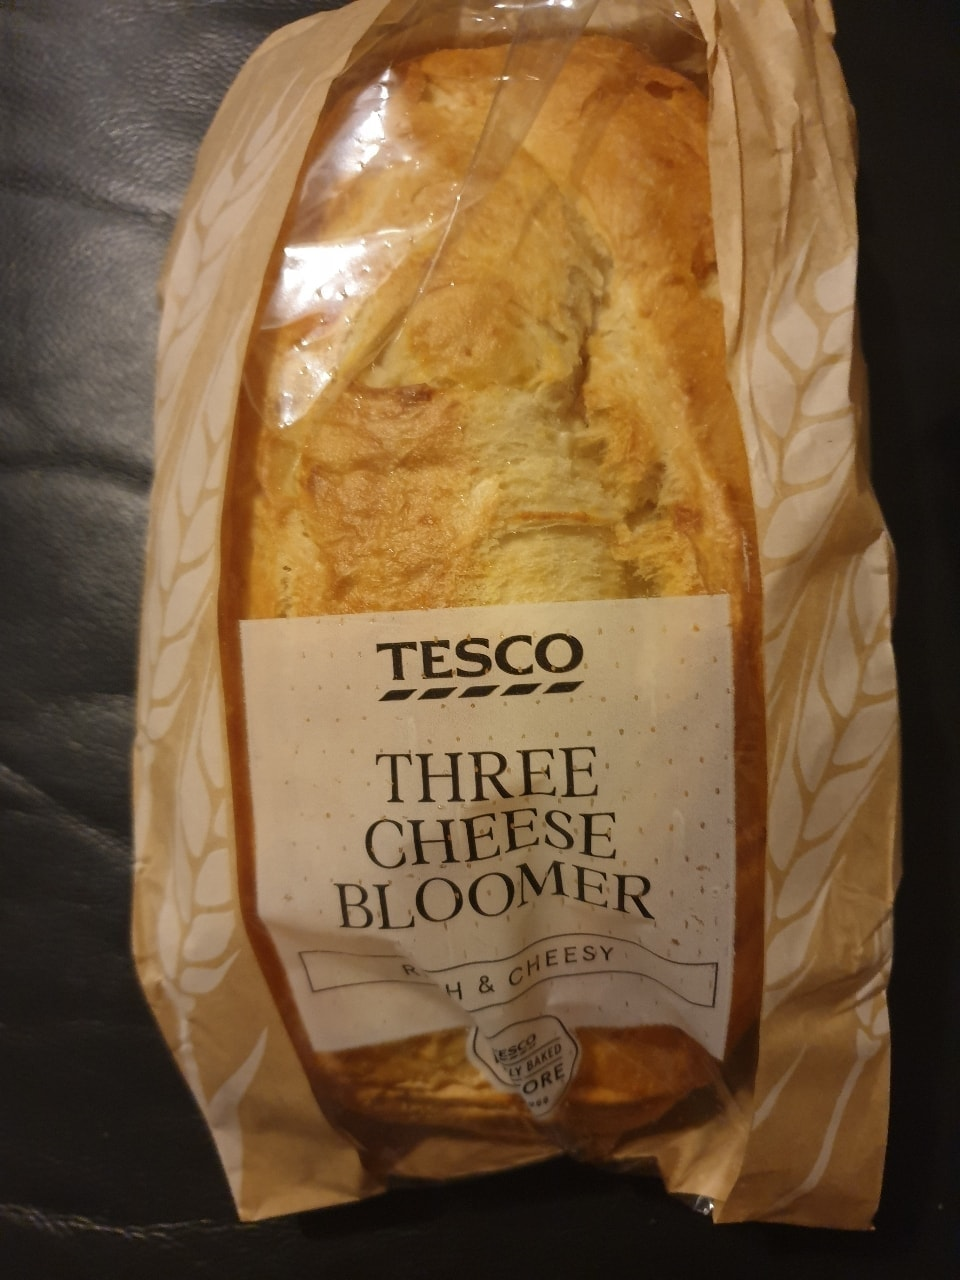 Three cheese bloomer